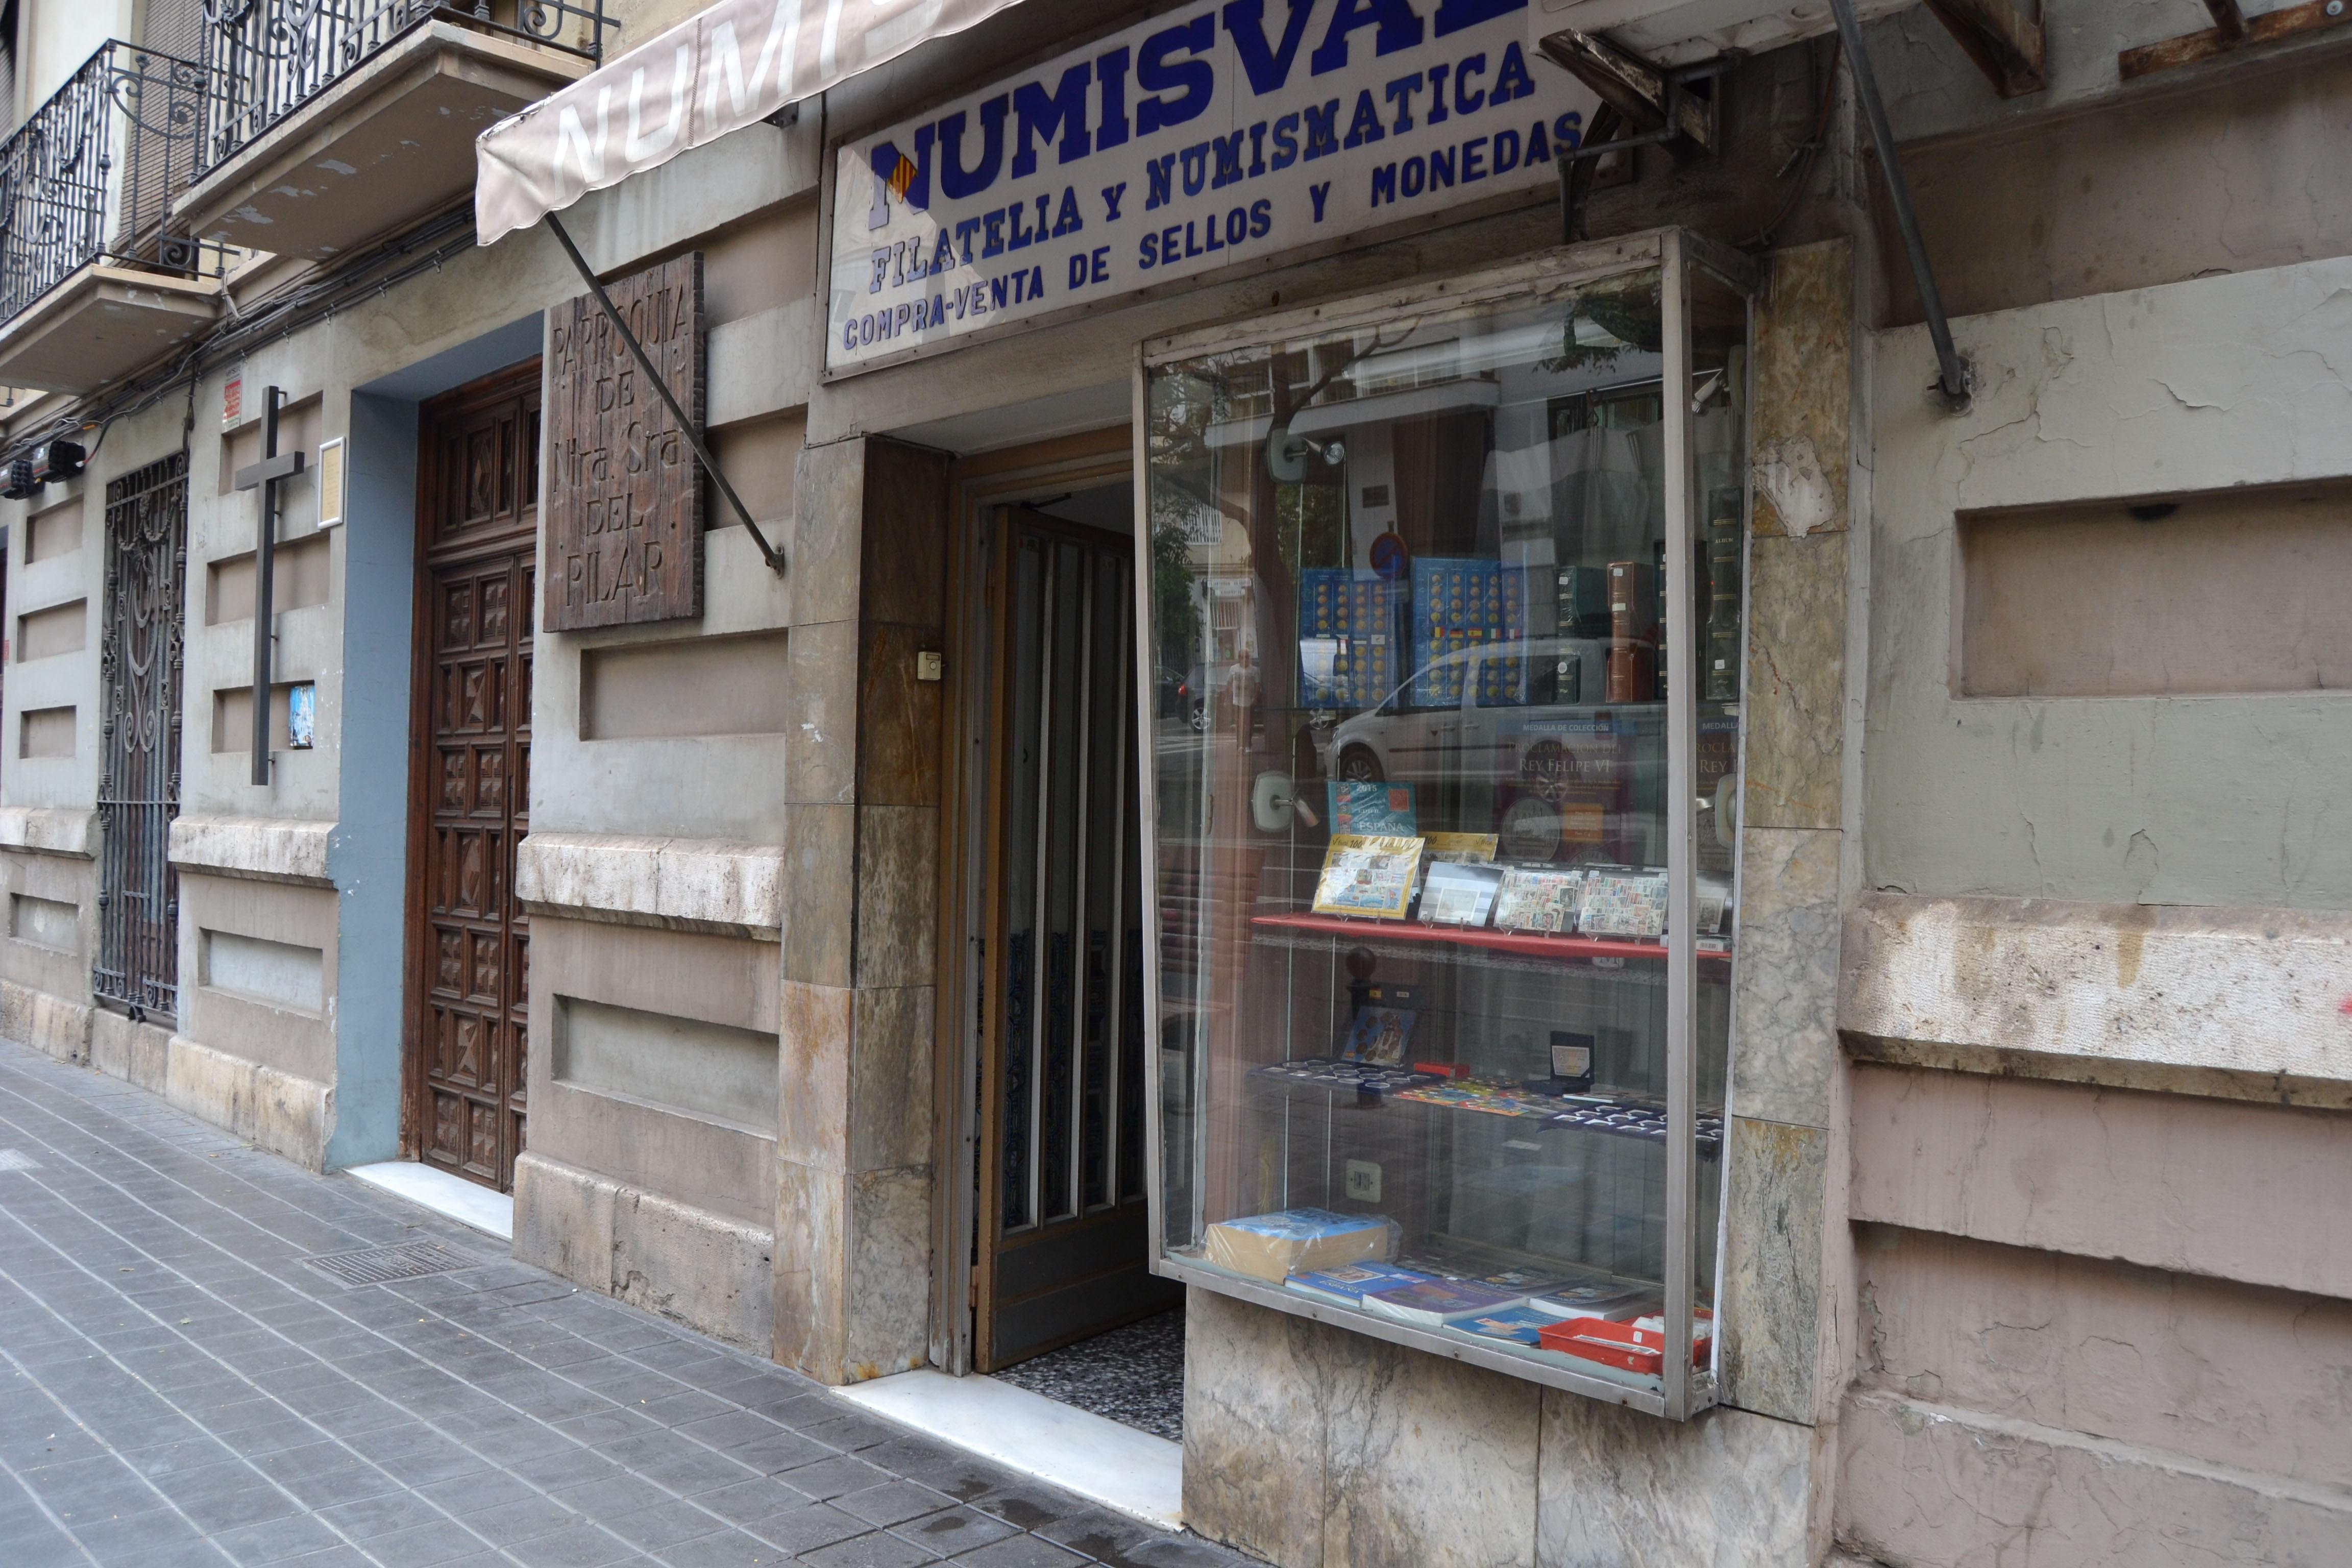 numismatica-numisval-fachada